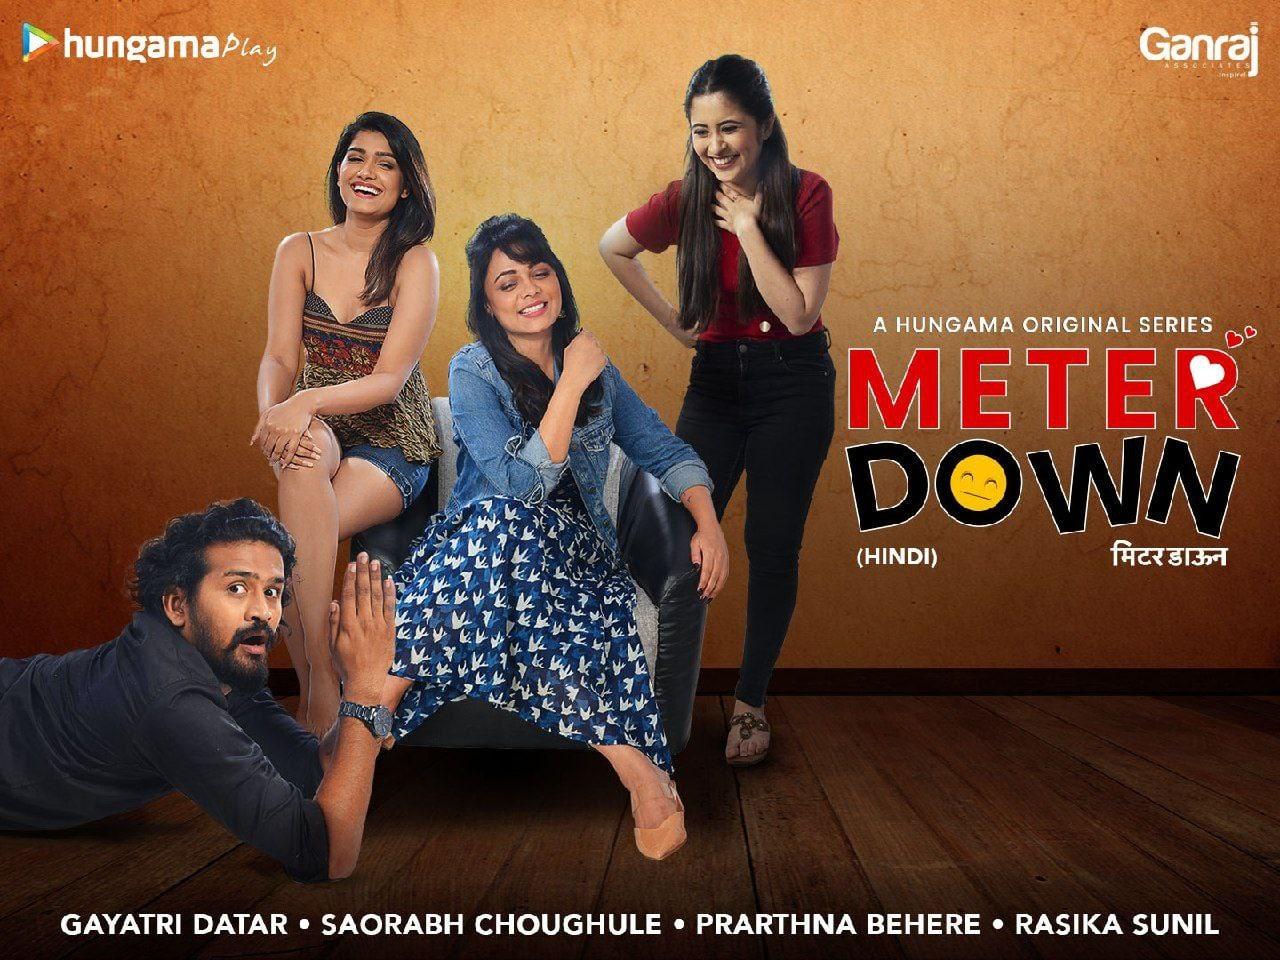 Download Meter Down 2021 S01 Complete Hungama Original Hindi Web Series 480p HDRip 350MB